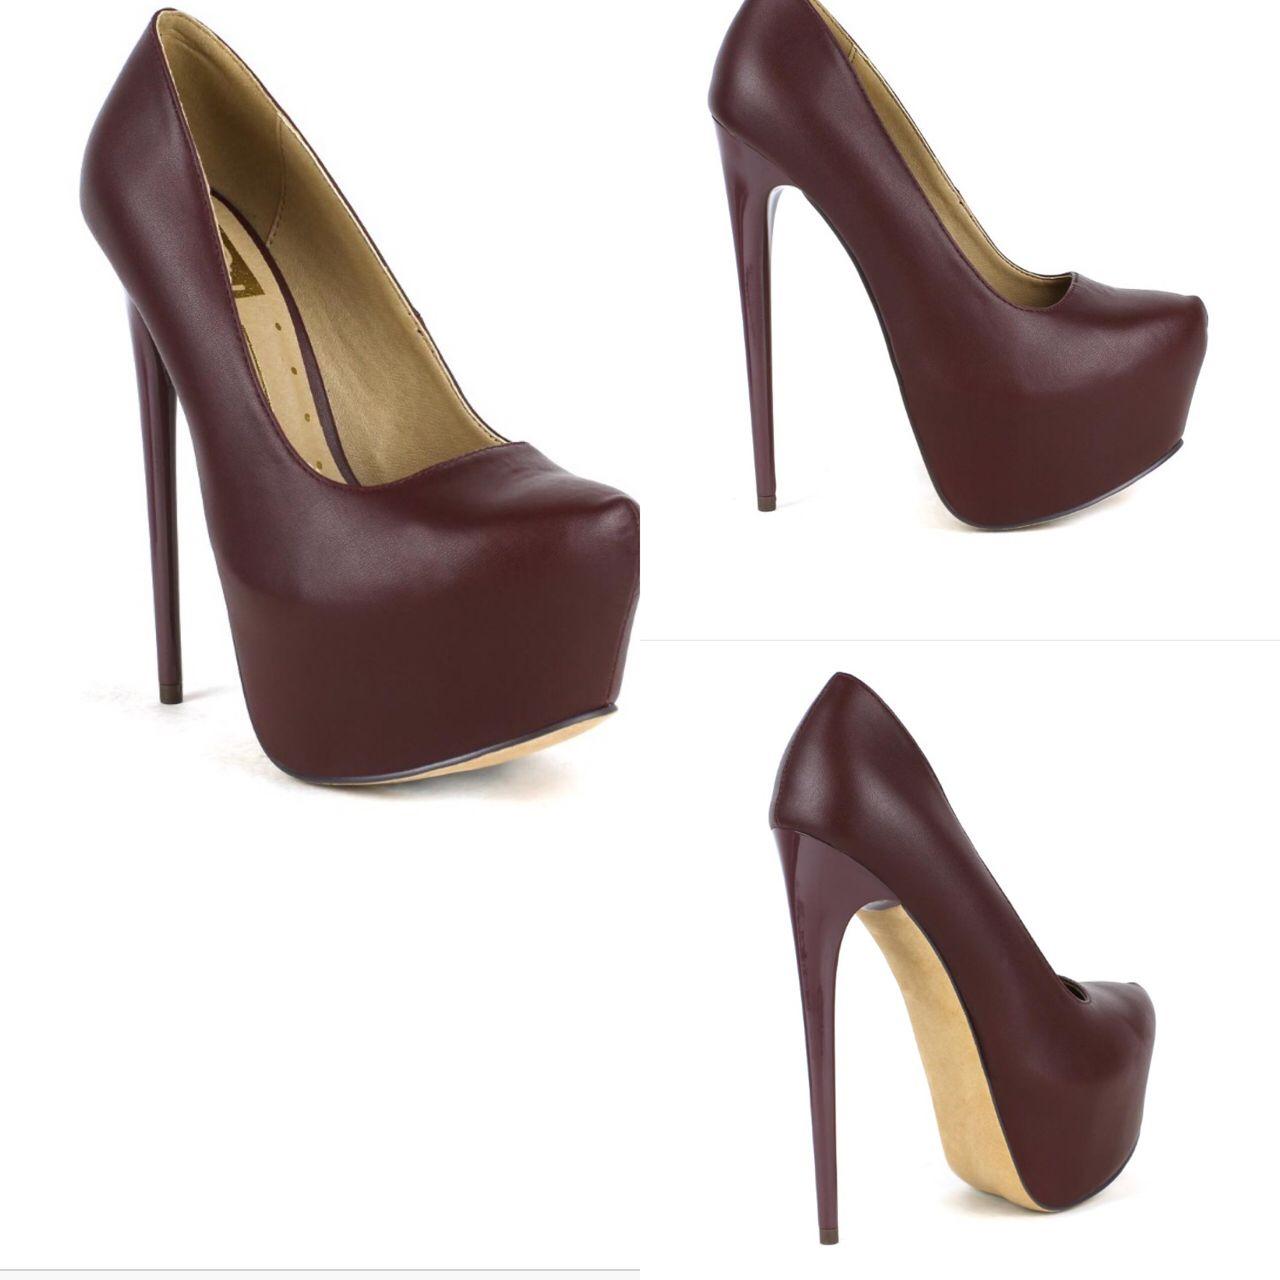 DALILA    #NatalieBleu #NatalieBleuShoes #fallfashion #fall #heels #stylist #stylish #fashionblogger #fashiongram #fashiongirl #fashionguru #shoeaddict #shoeswag #shoesoftheday #shoefetish #2k15 #fallseries #shoegame #shoeselfie #newshoes #newstyle #heels #shoes